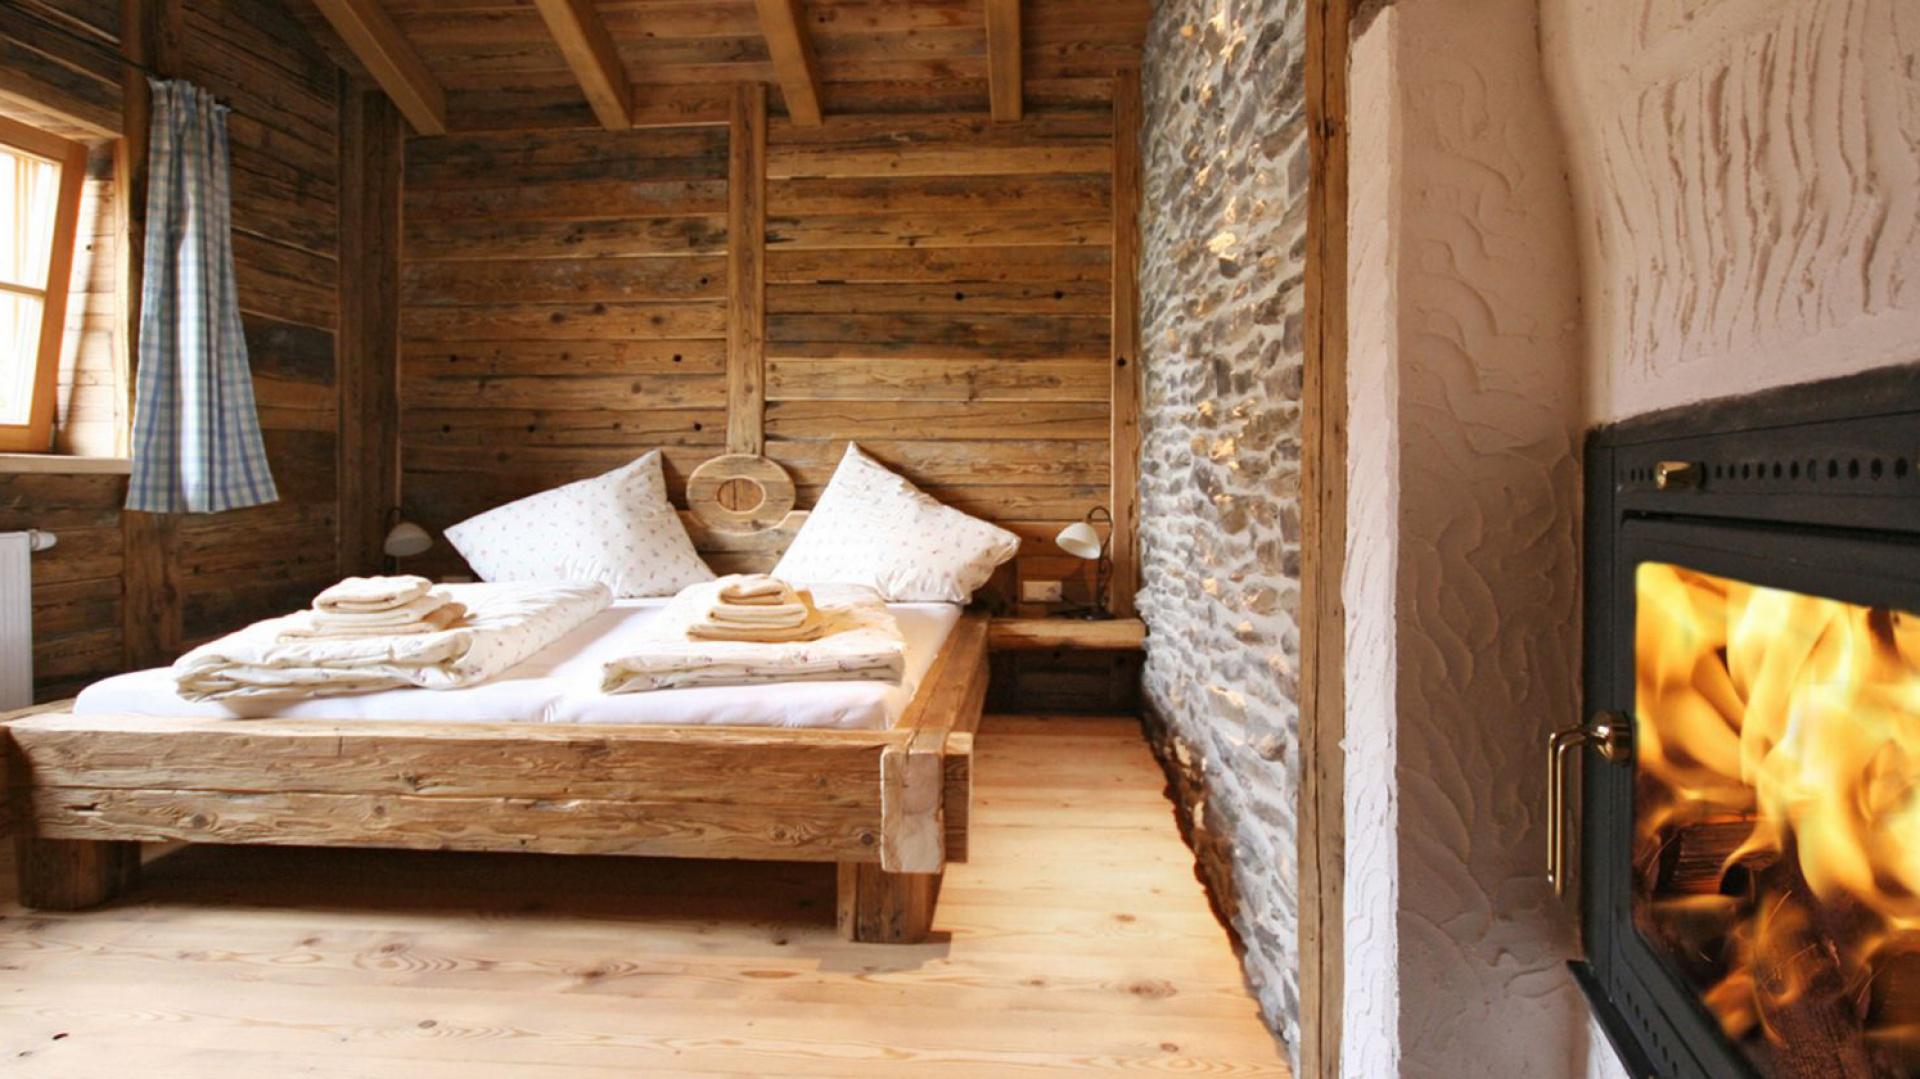 Sypialnia W Drewnie Pomysł Na Przytulne Wnętrze